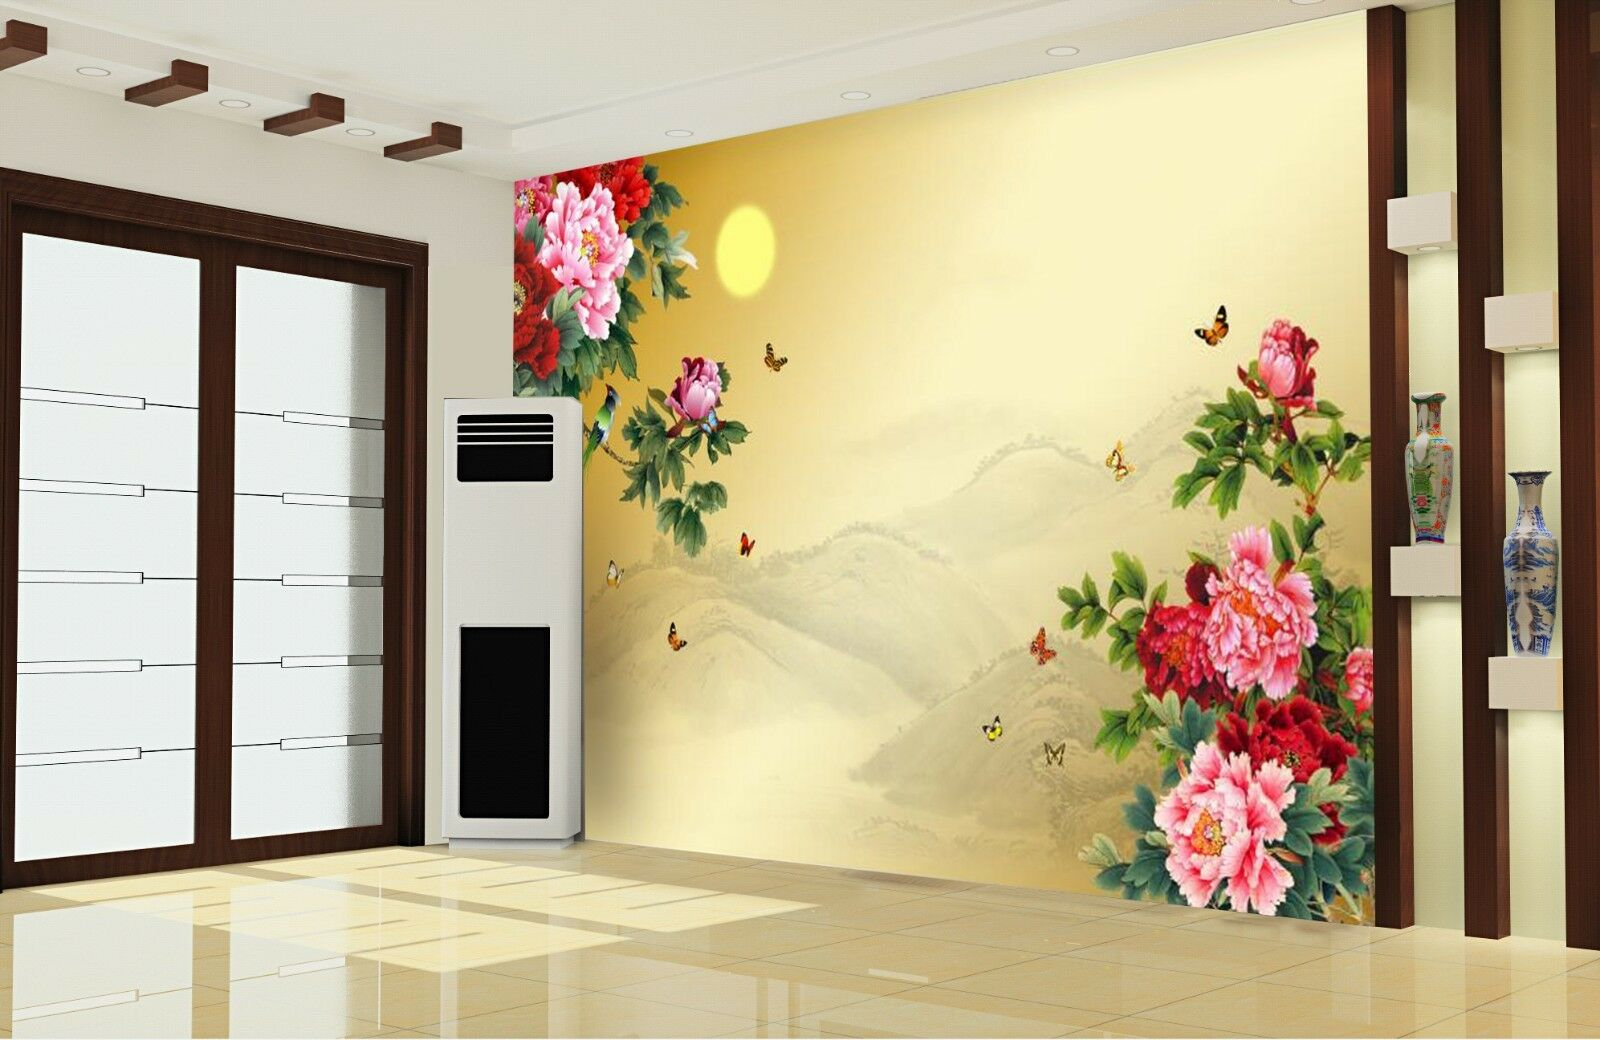 3D Flower Mountain 888 Wallpaper Mural Wall Print Wall Wallpaper Murals US Carly